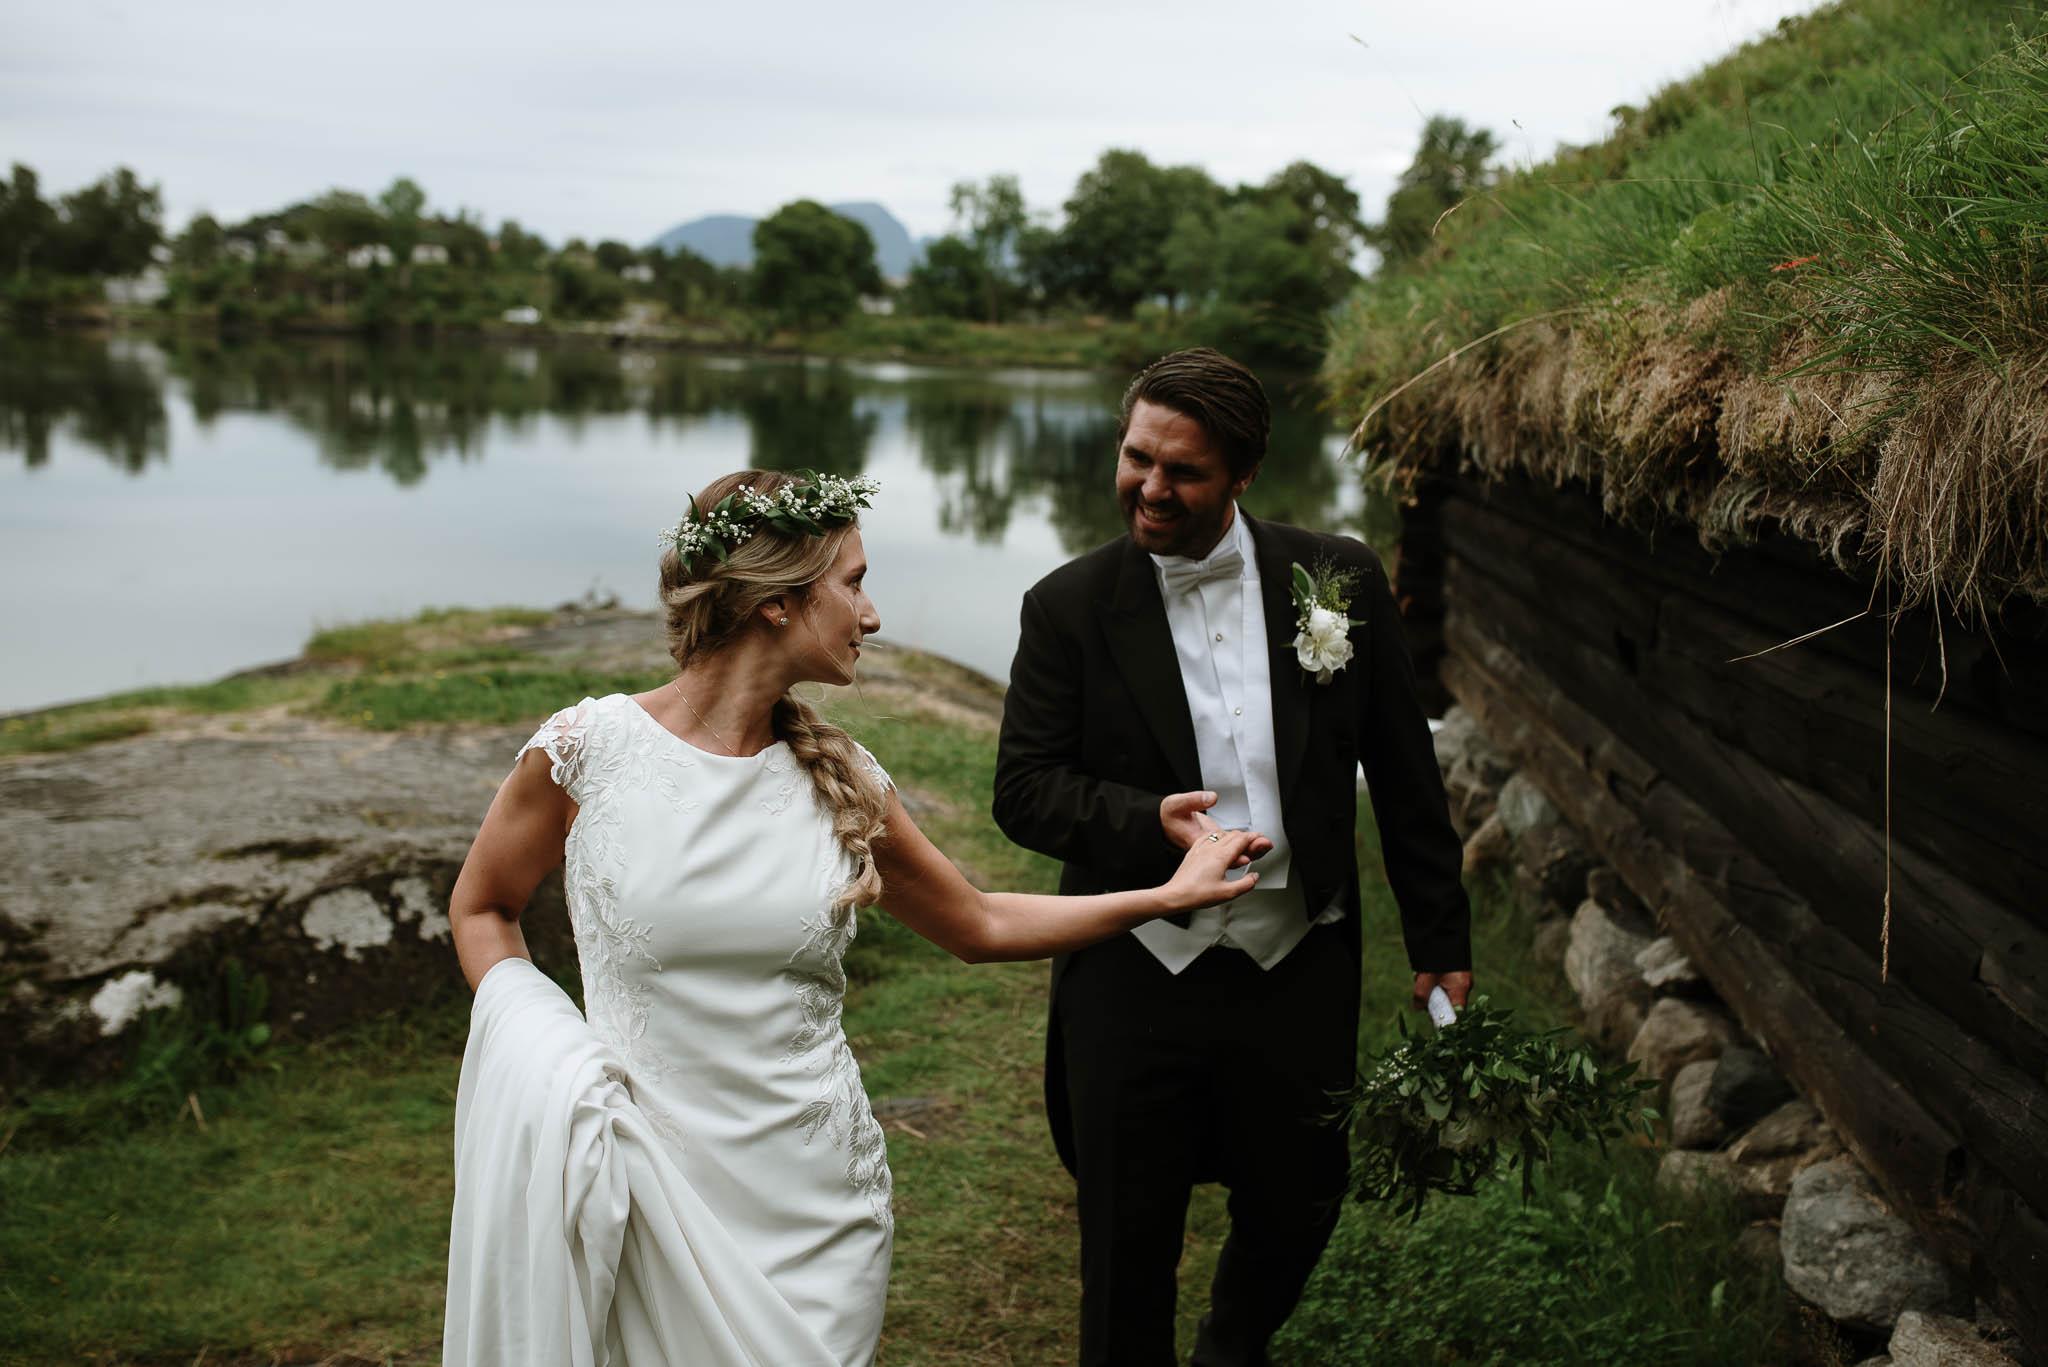 Bryllupsfotograf i Drammen - bryllup i Ålesund - Øygardshallen bryllup-68.jpg